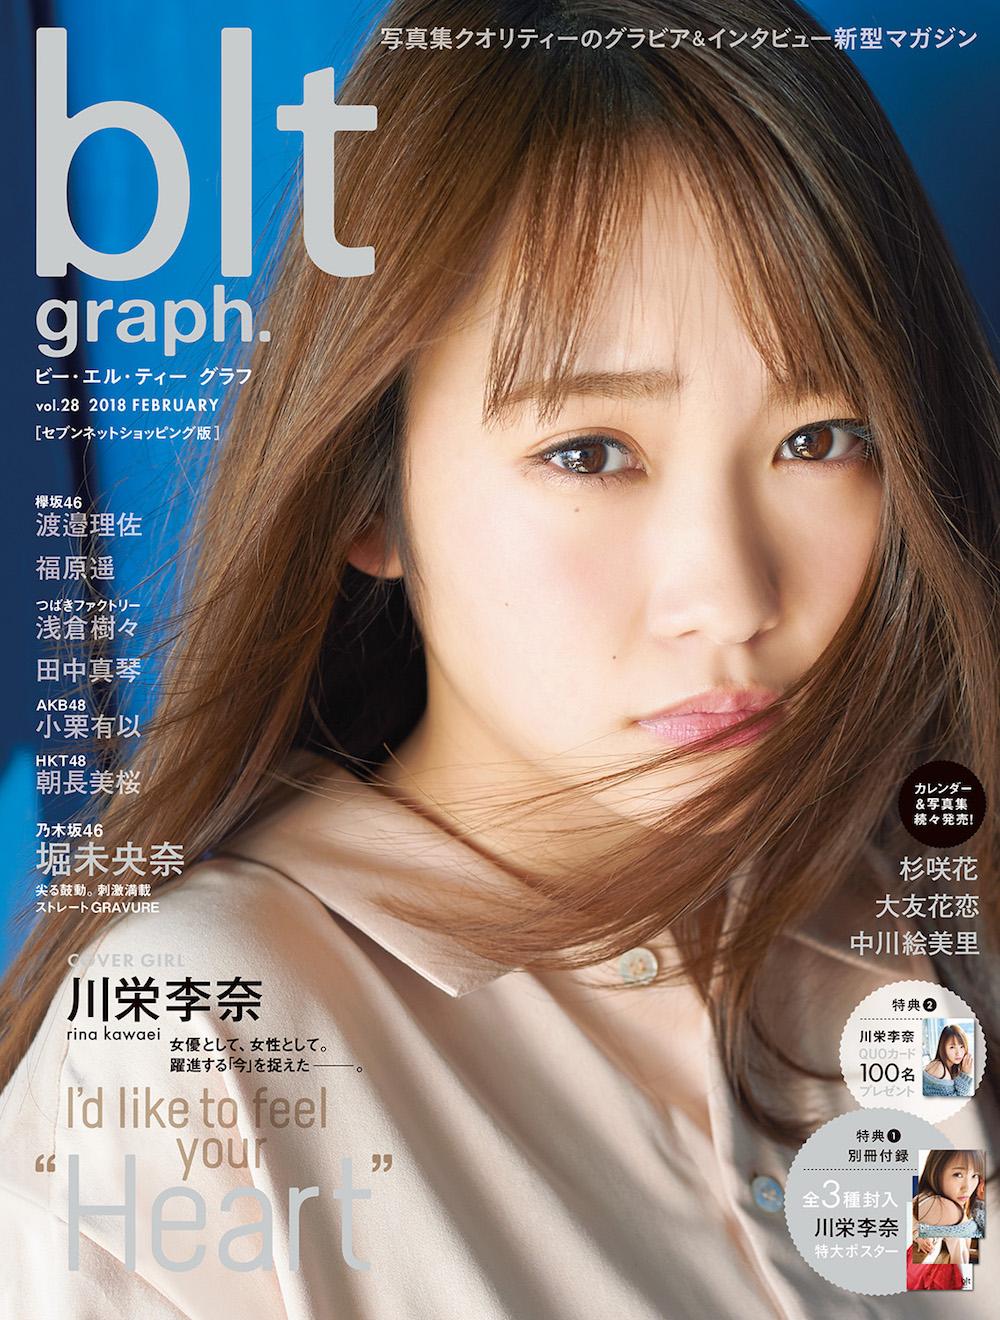 川栄李奈「blt graph.vol.28 」表紙